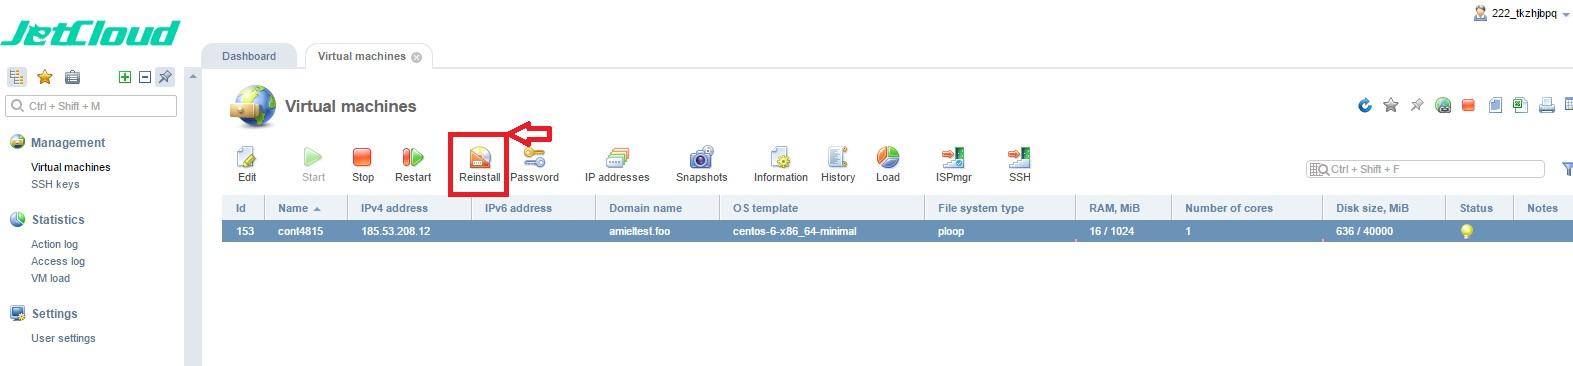 שרת וירטואלי - התקנה מחדש של מערכת ההפעלה